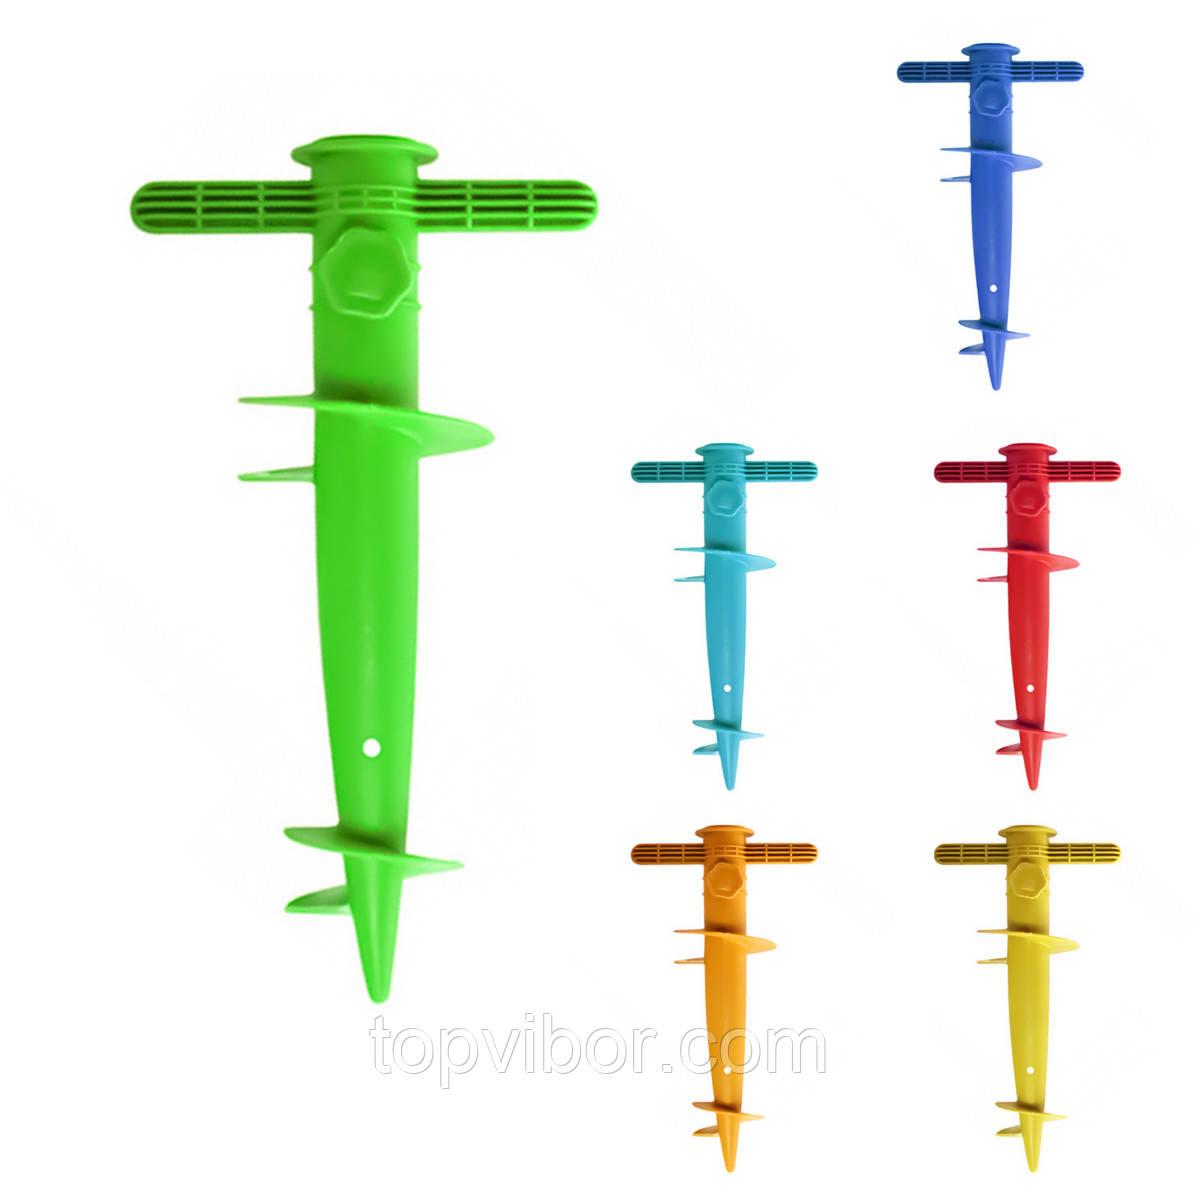 Бур для пляжного зонта Stenson Jo-1273 30см (Зеленый), бур ручной для пляжного зонта , для парасольки (VT)